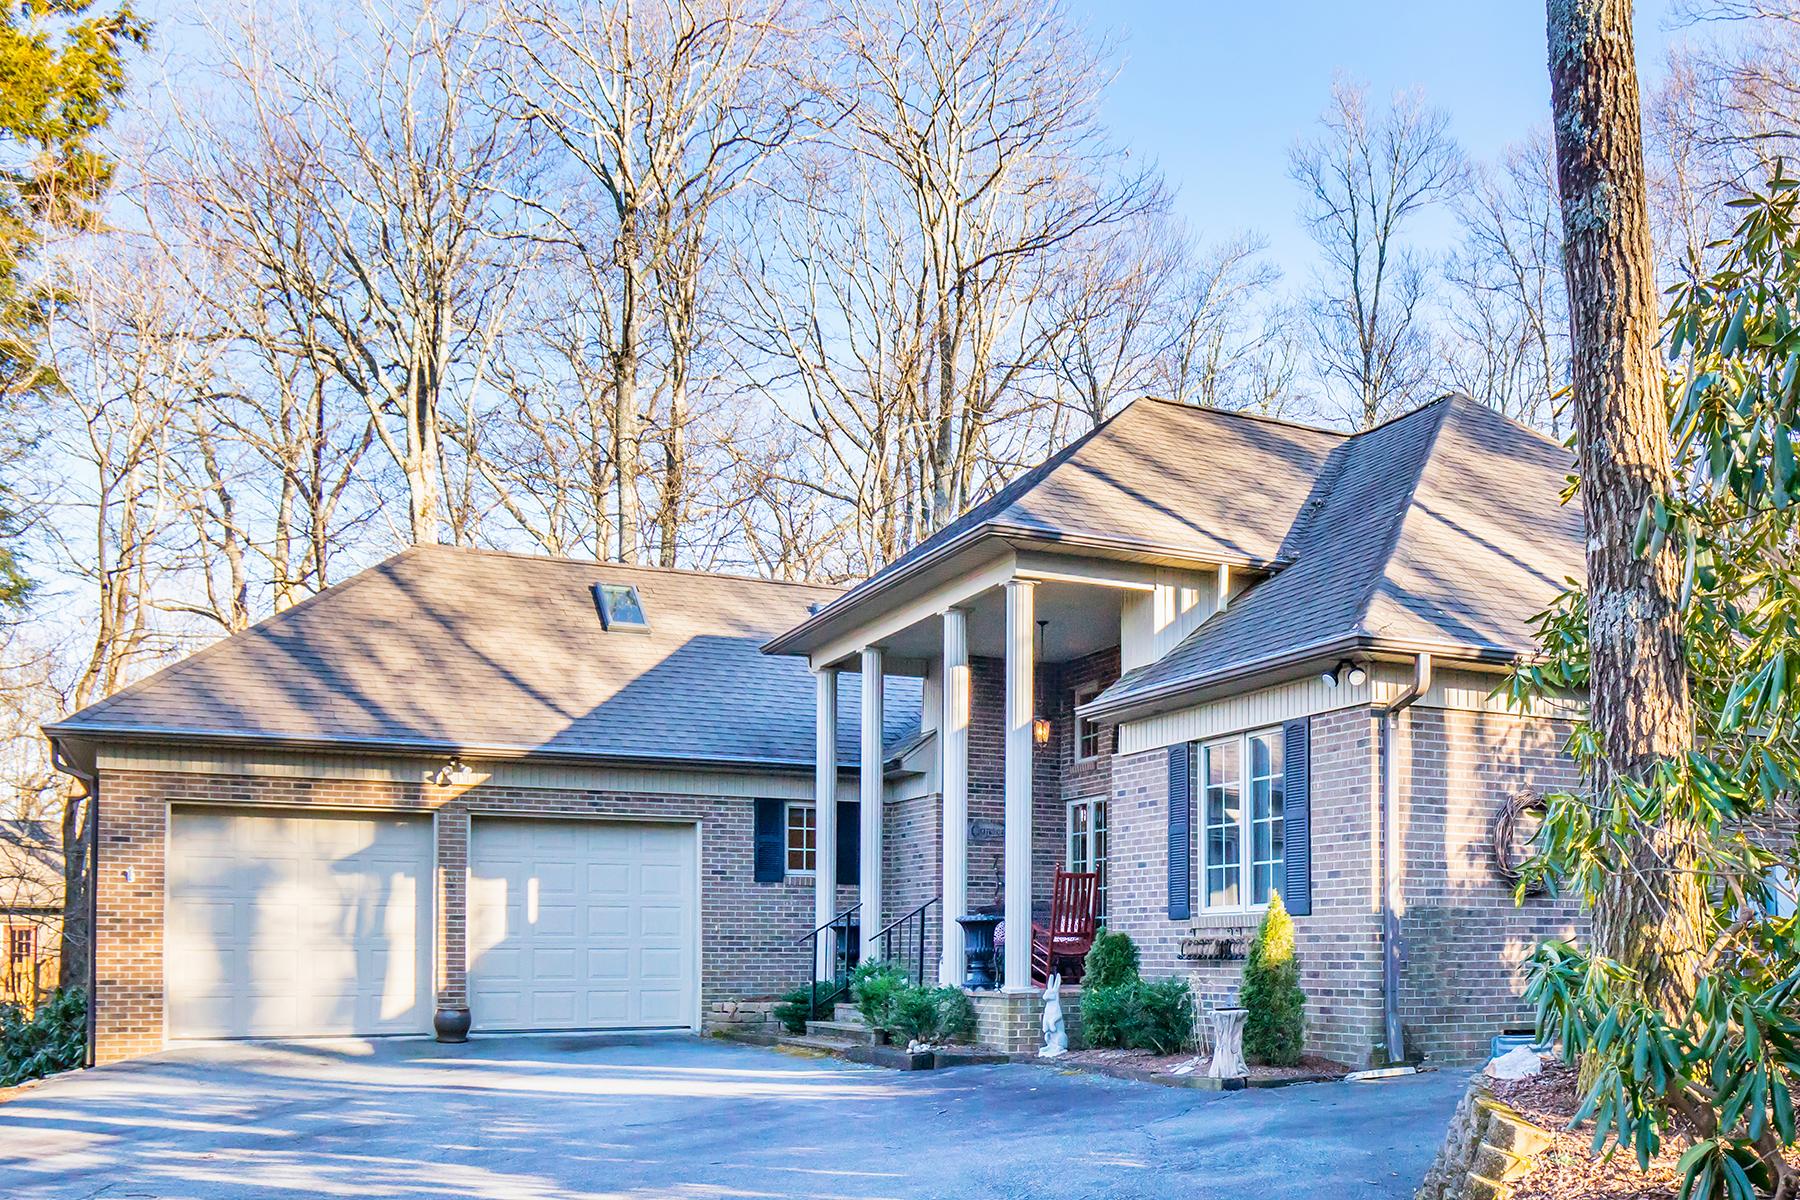 واحد منزل الأسرة للـ Sale في BLOWING ROCK - WONDERLAND WOODS 117 Forbes Way, Blowing Rock, North Carolina, 28605 United States